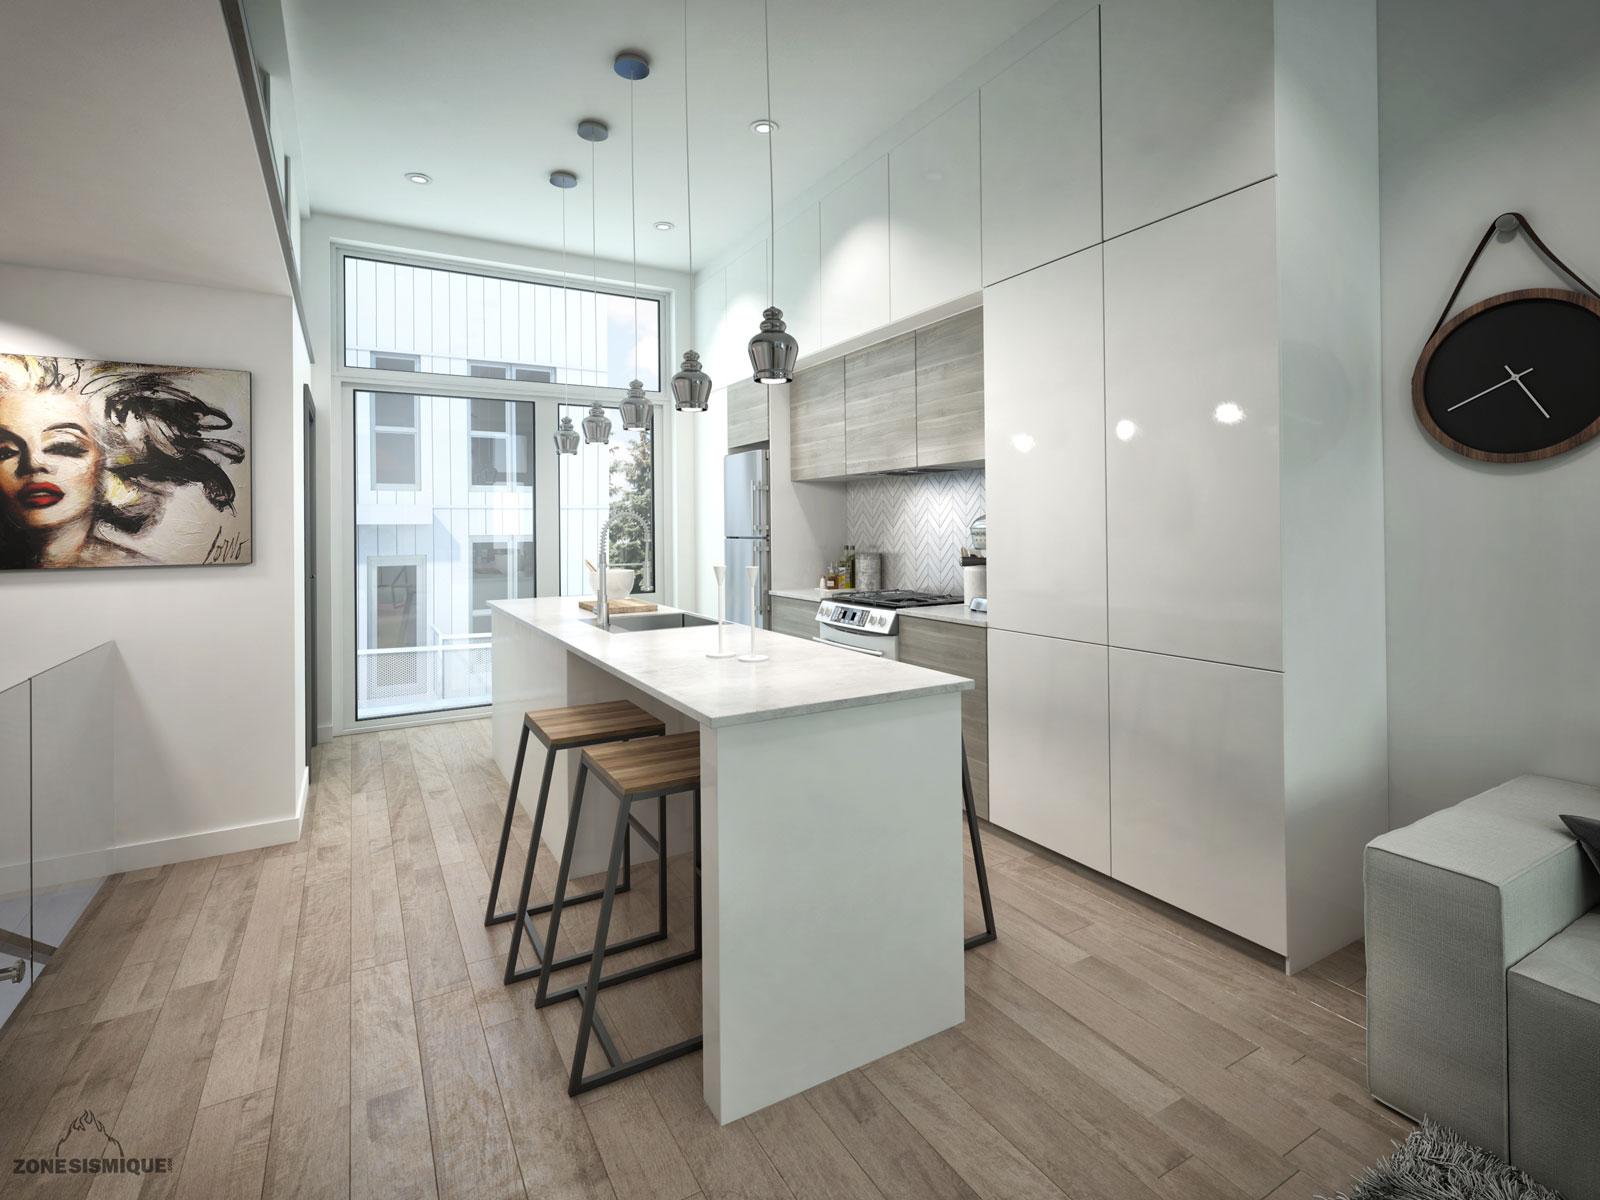 services zone sismique design visualisation 3d photor aliste. Black Bedroom Furniture Sets. Home Design Ideas